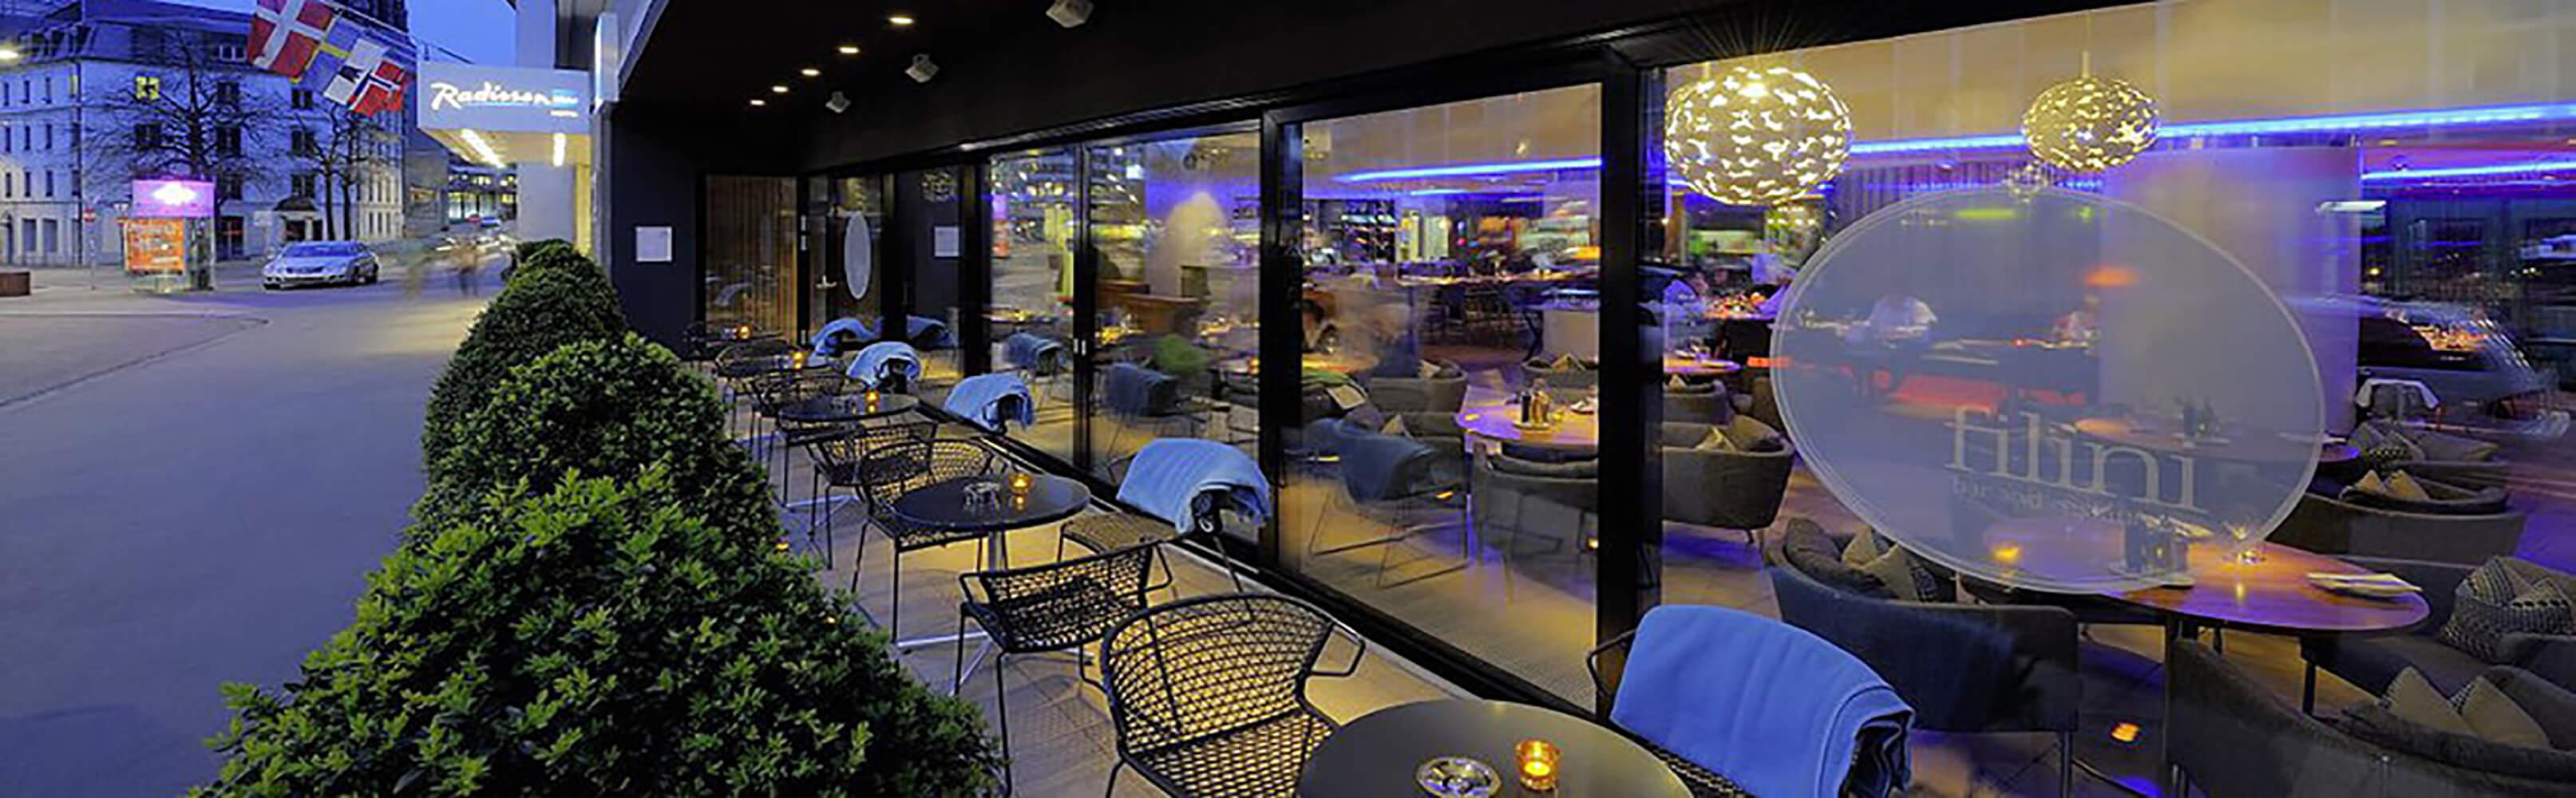 Radisson Blu Hotel, Basel 1